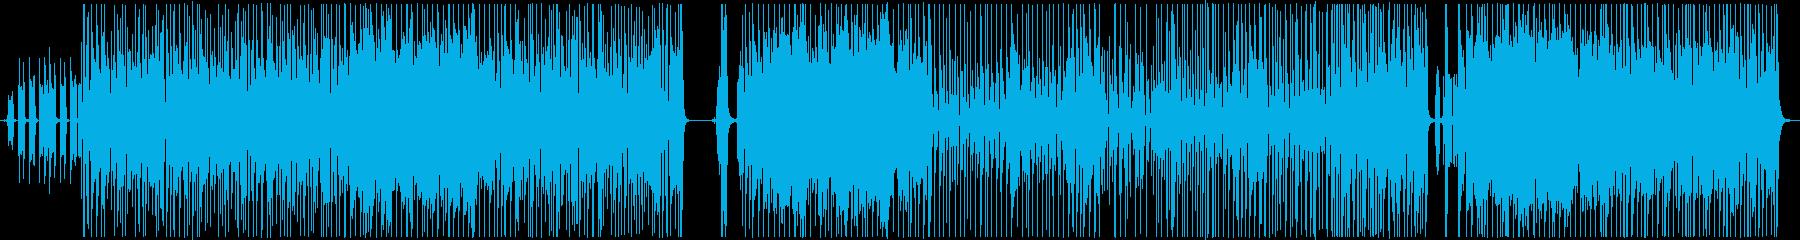 うたの再生済みの波形